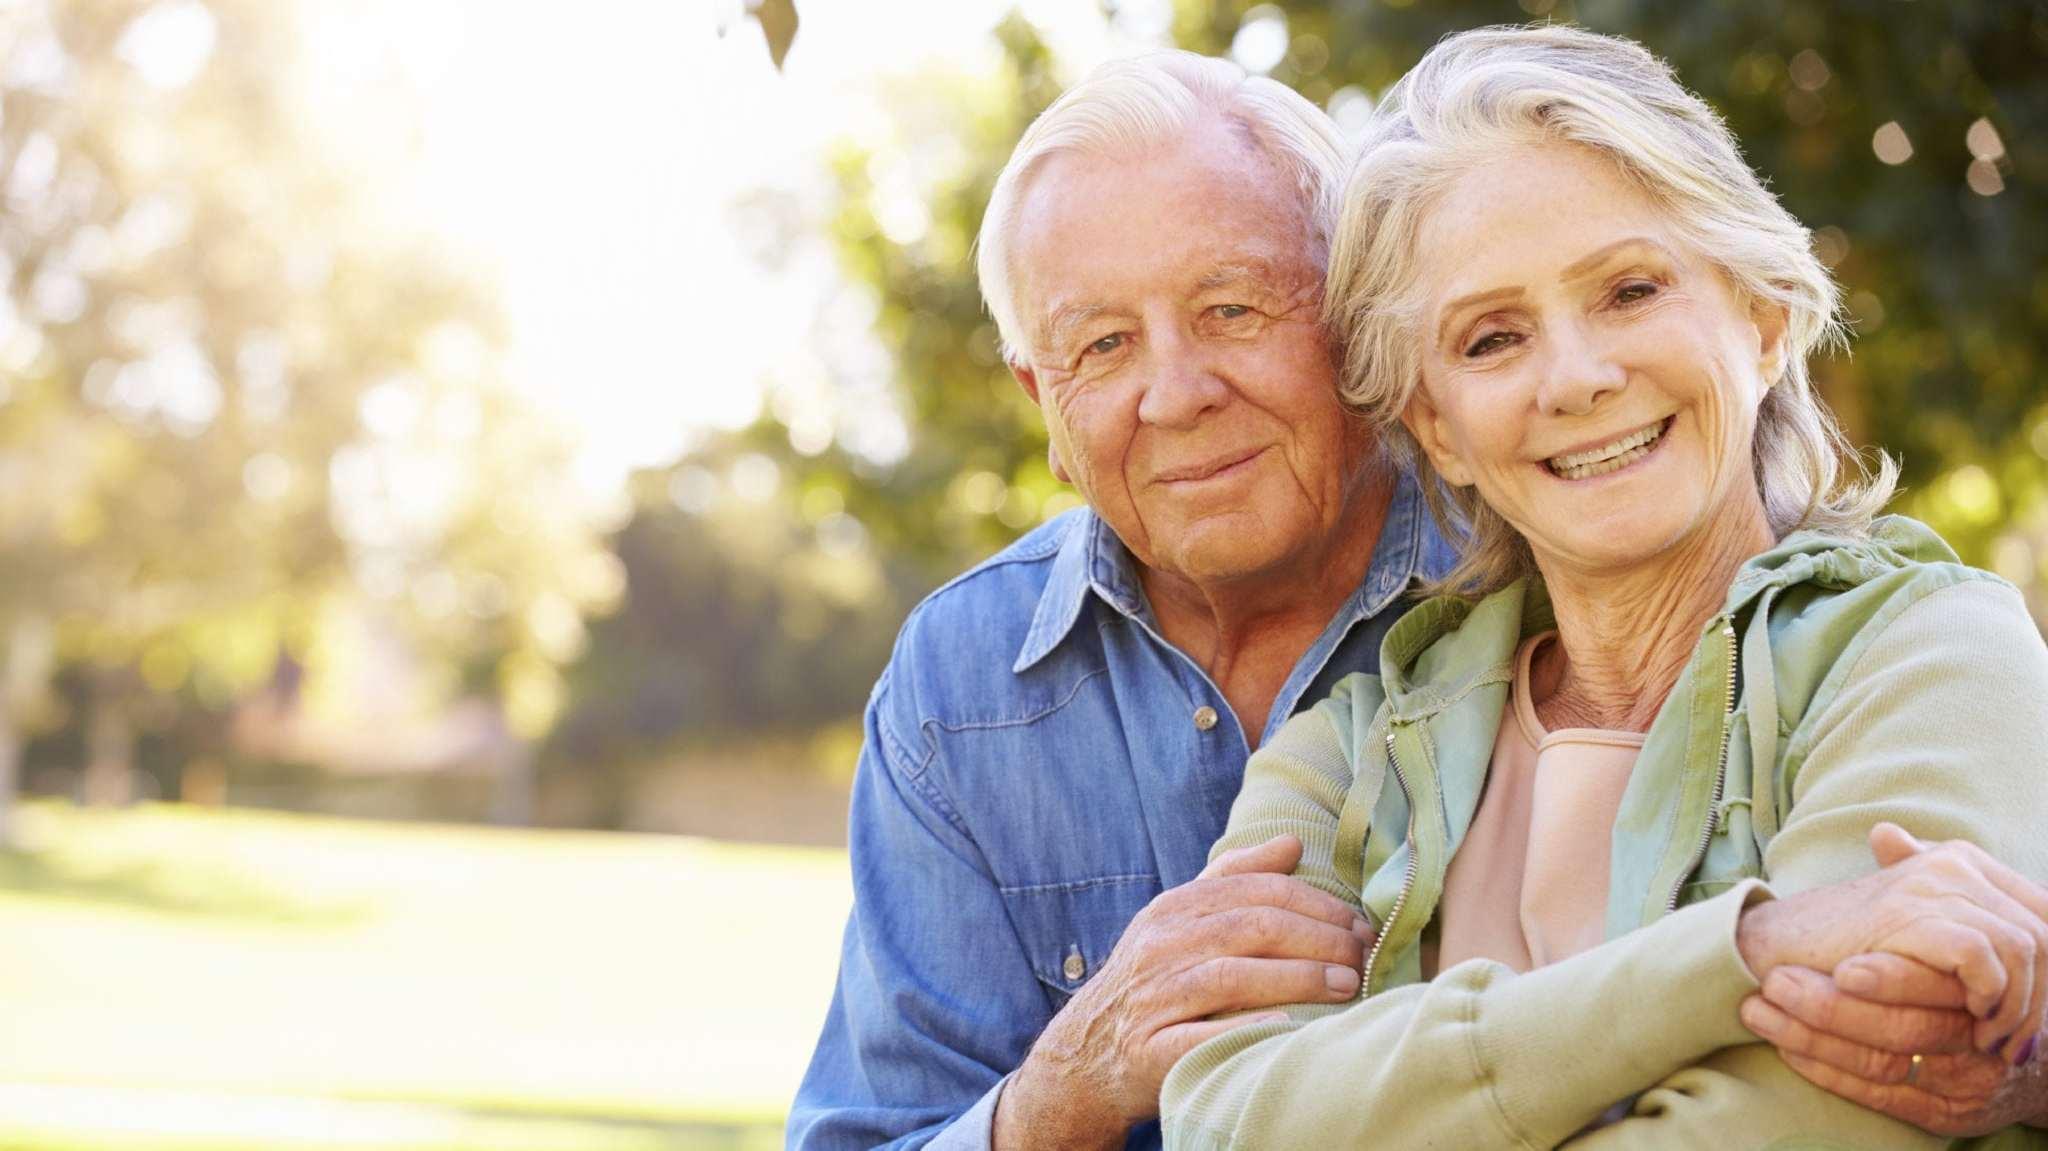 Заявление о перерасчете пенсии: как написать